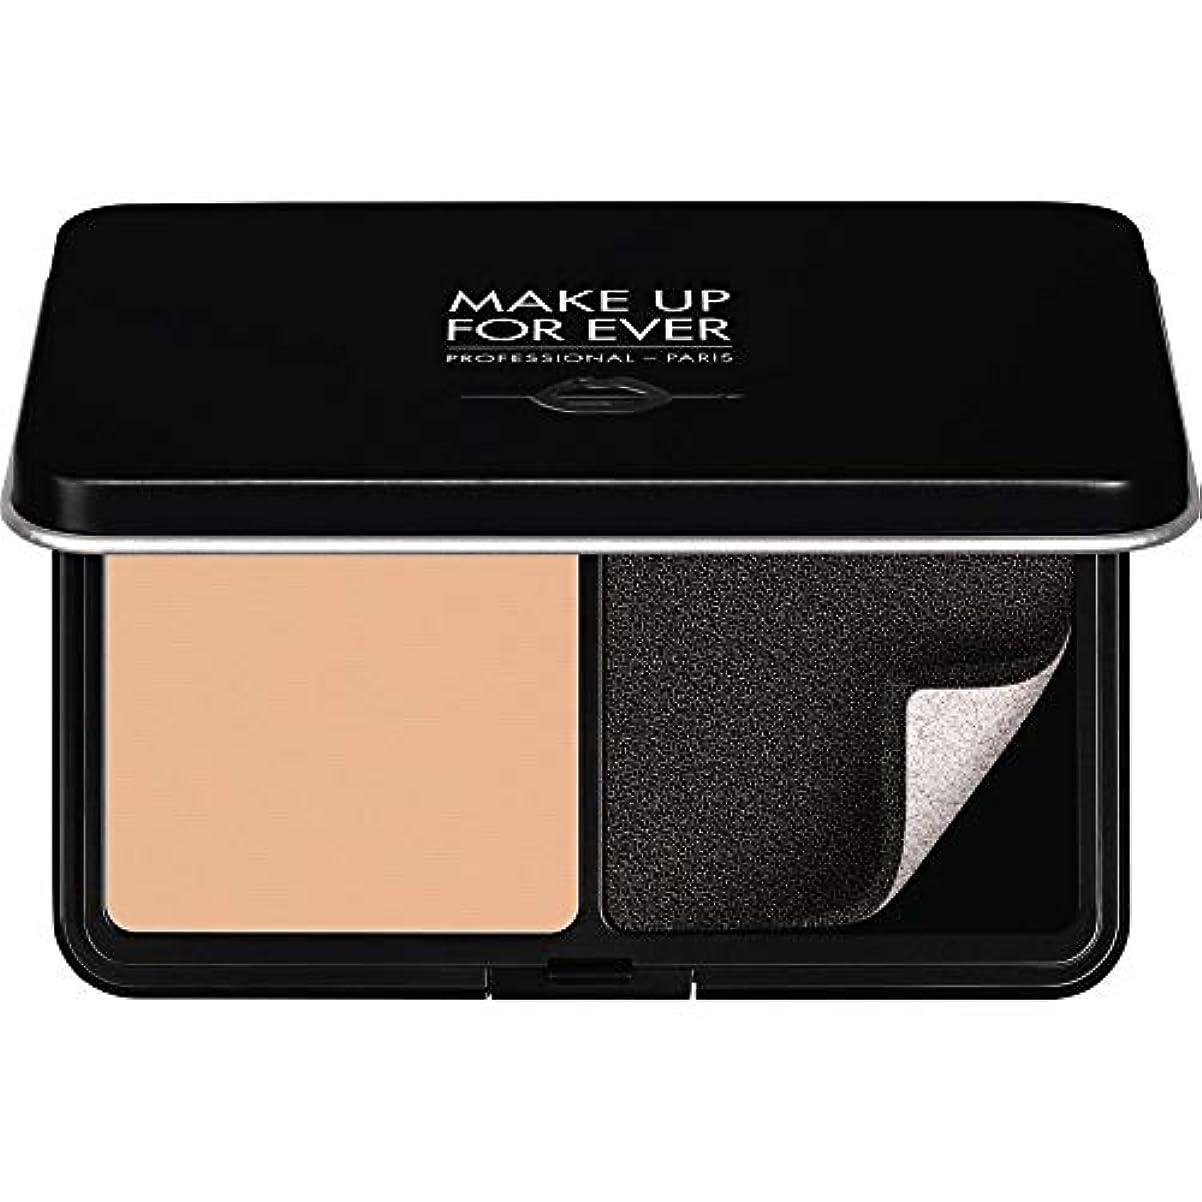 機密ドロップ第二に[MAKE UP FOR EVER ] パウダーファンデーション11GののR230をぼかし、これまでマットベルベットの肌を補う - アイボリー - MAKE UP FOR EVER Matte Velvet Skin Blurring...